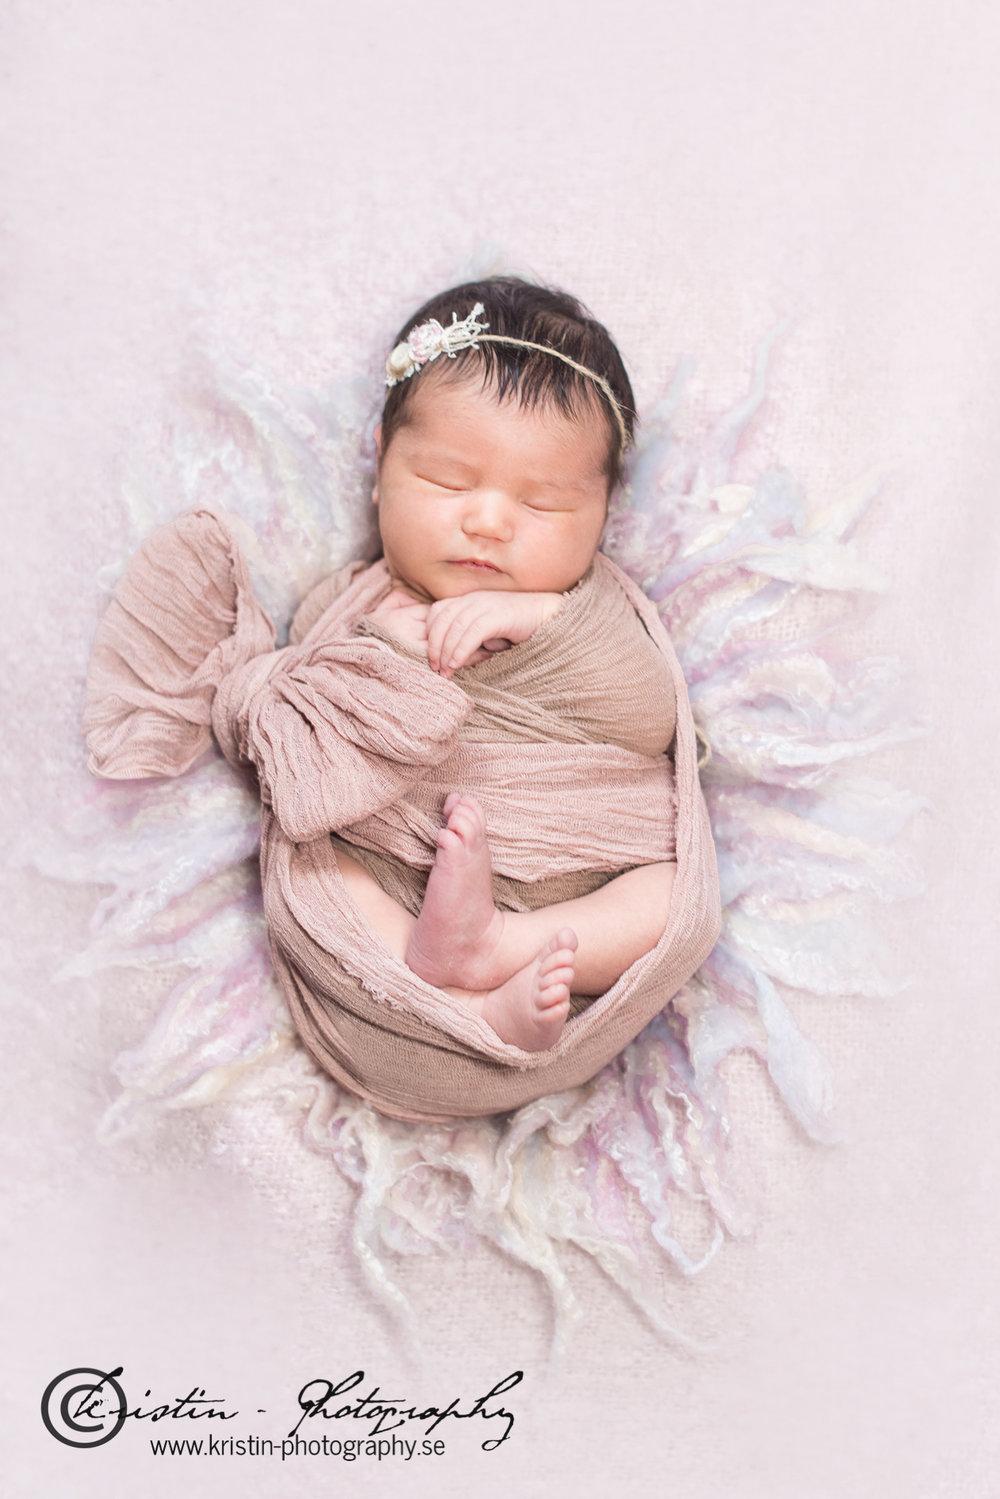 Nyföddfotograf Kristin - Photography, newborn-2.jpg